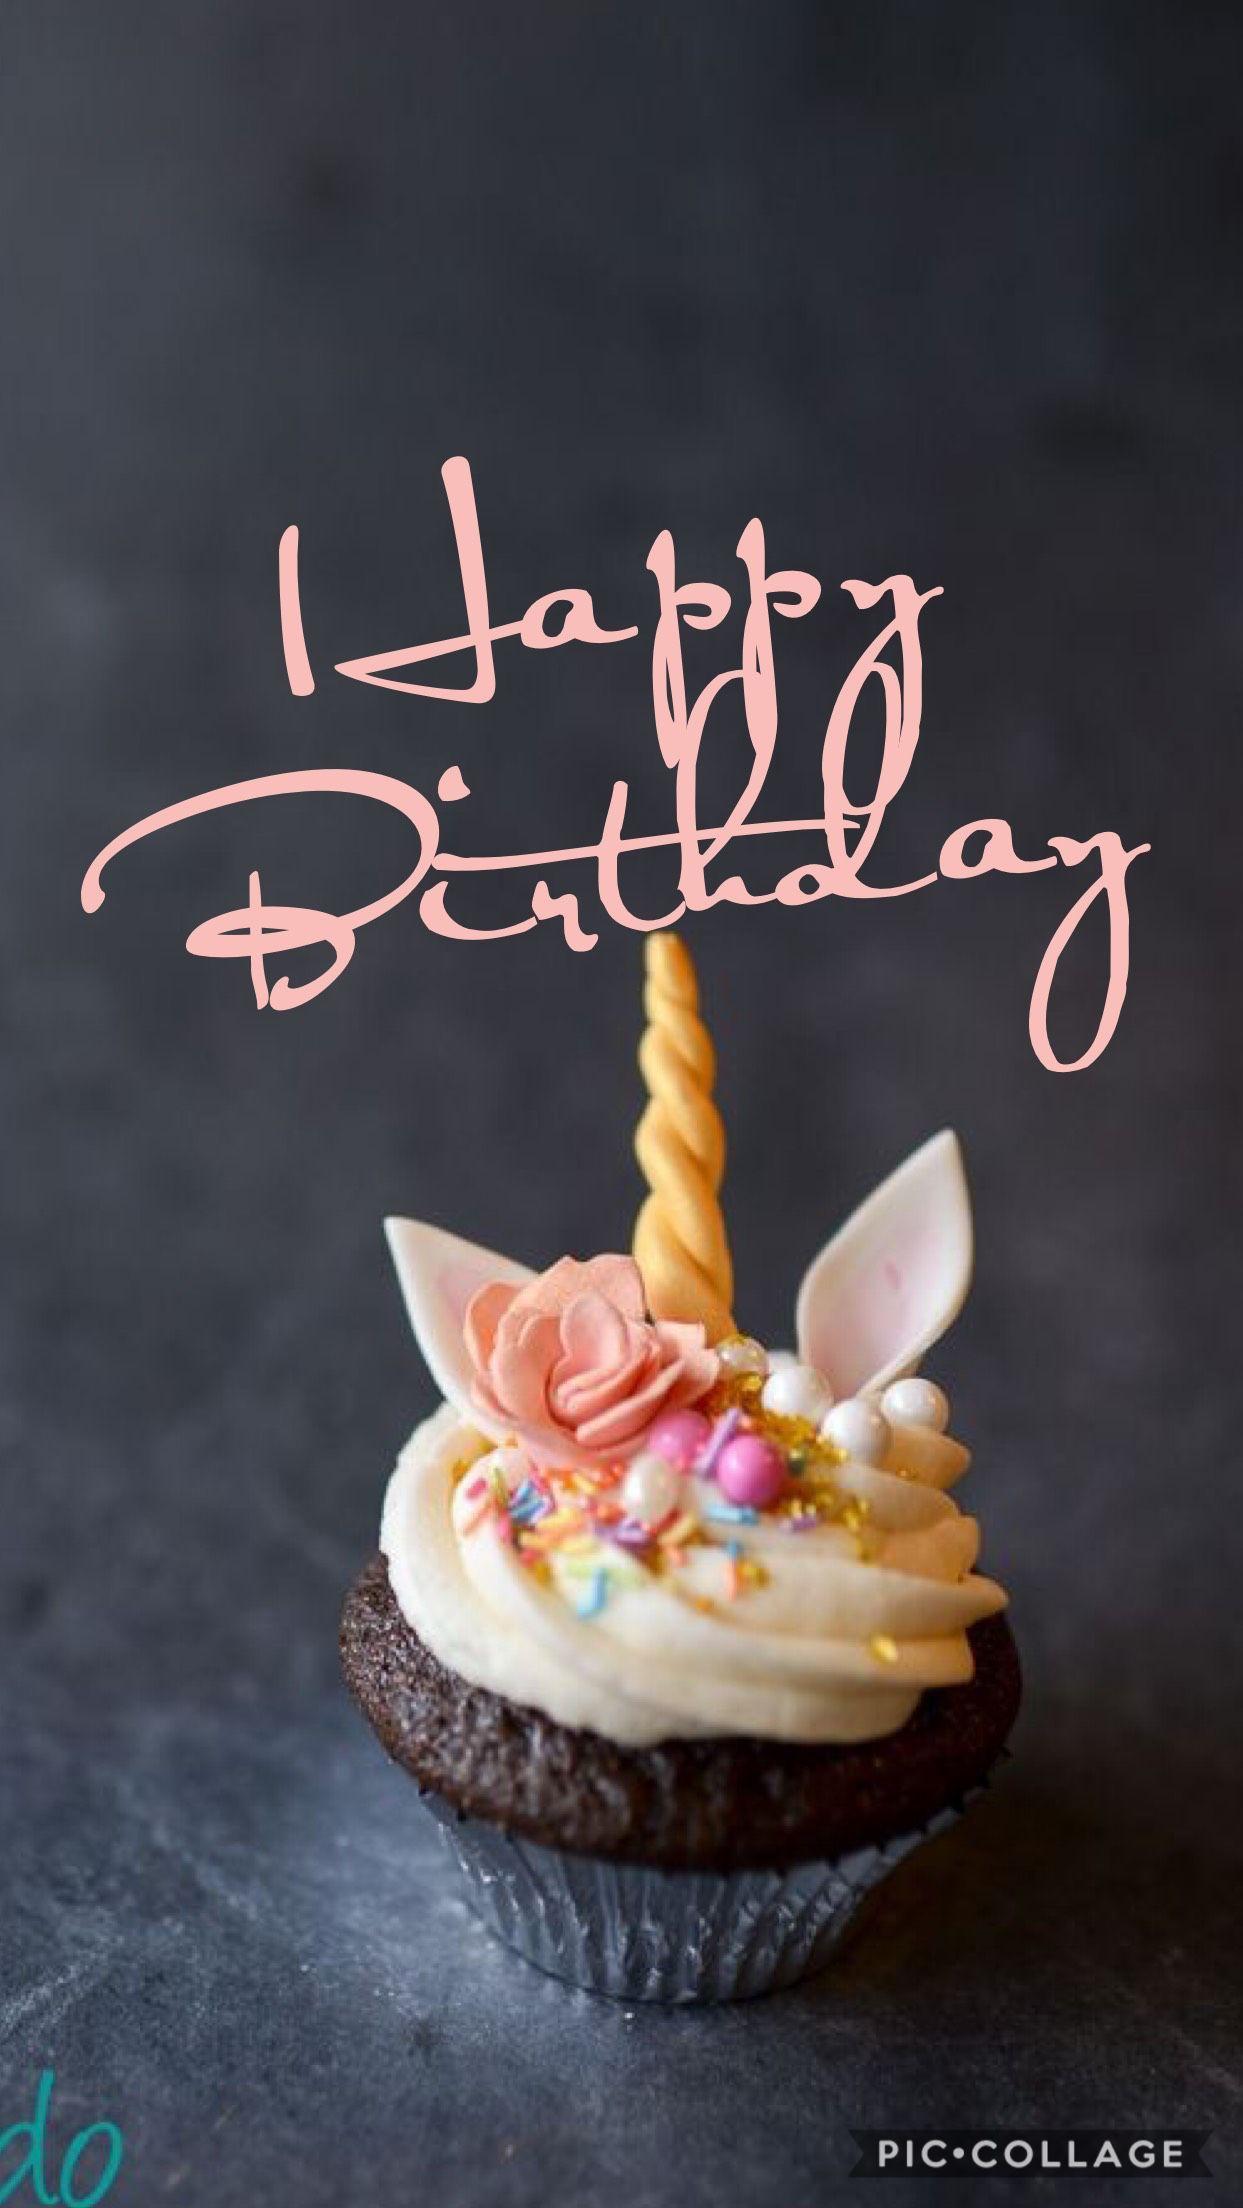 Happy Birthday to You! Alles gute geburtstag, Herzliche